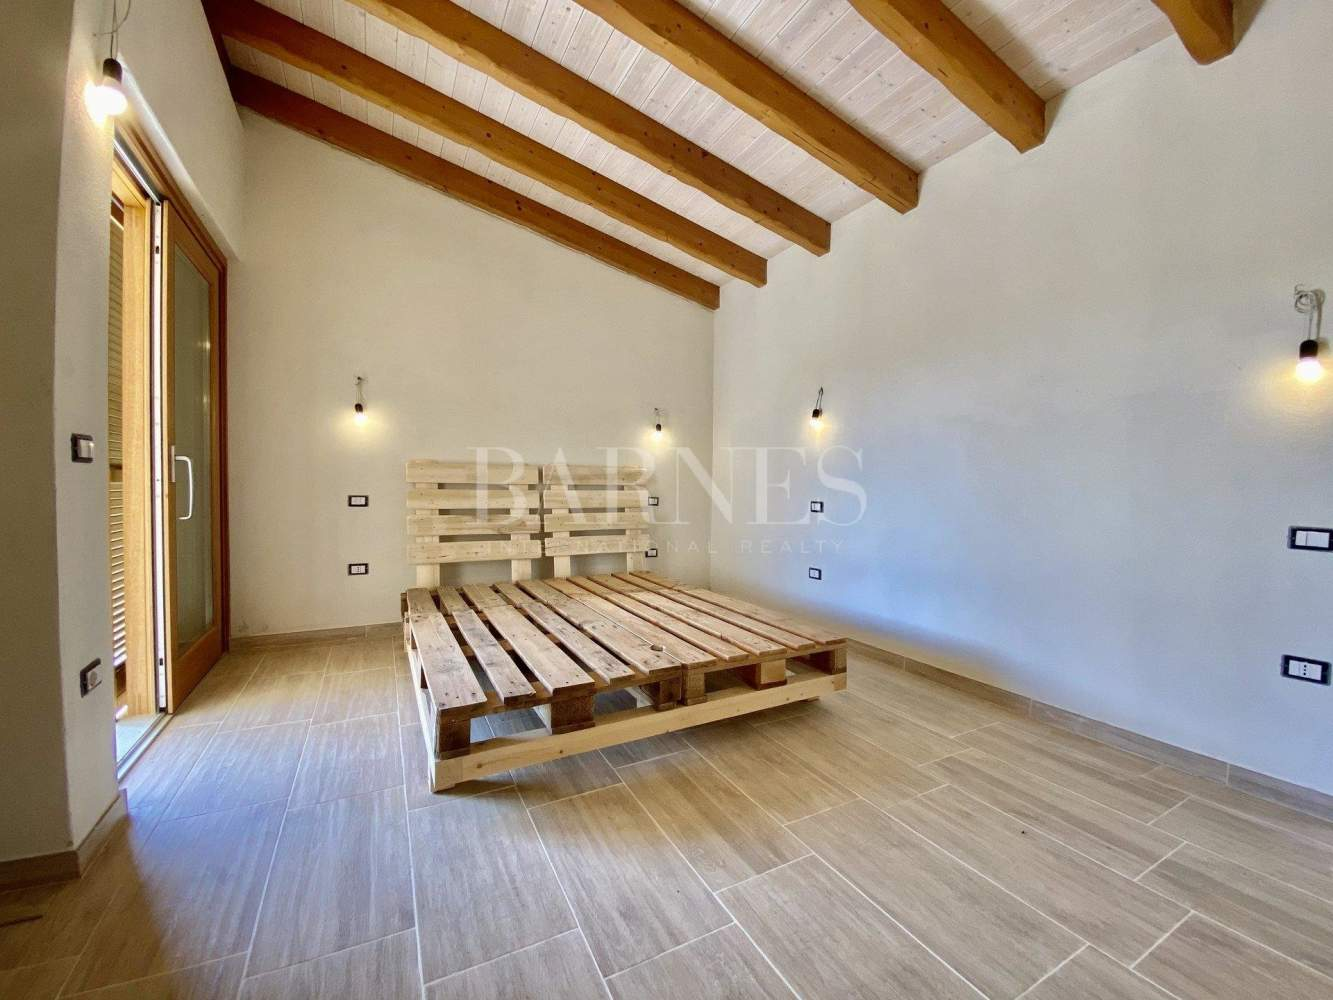 Loiri Porto San Paolo  - Maison 4 Pièces 2 Chambres - picture 16